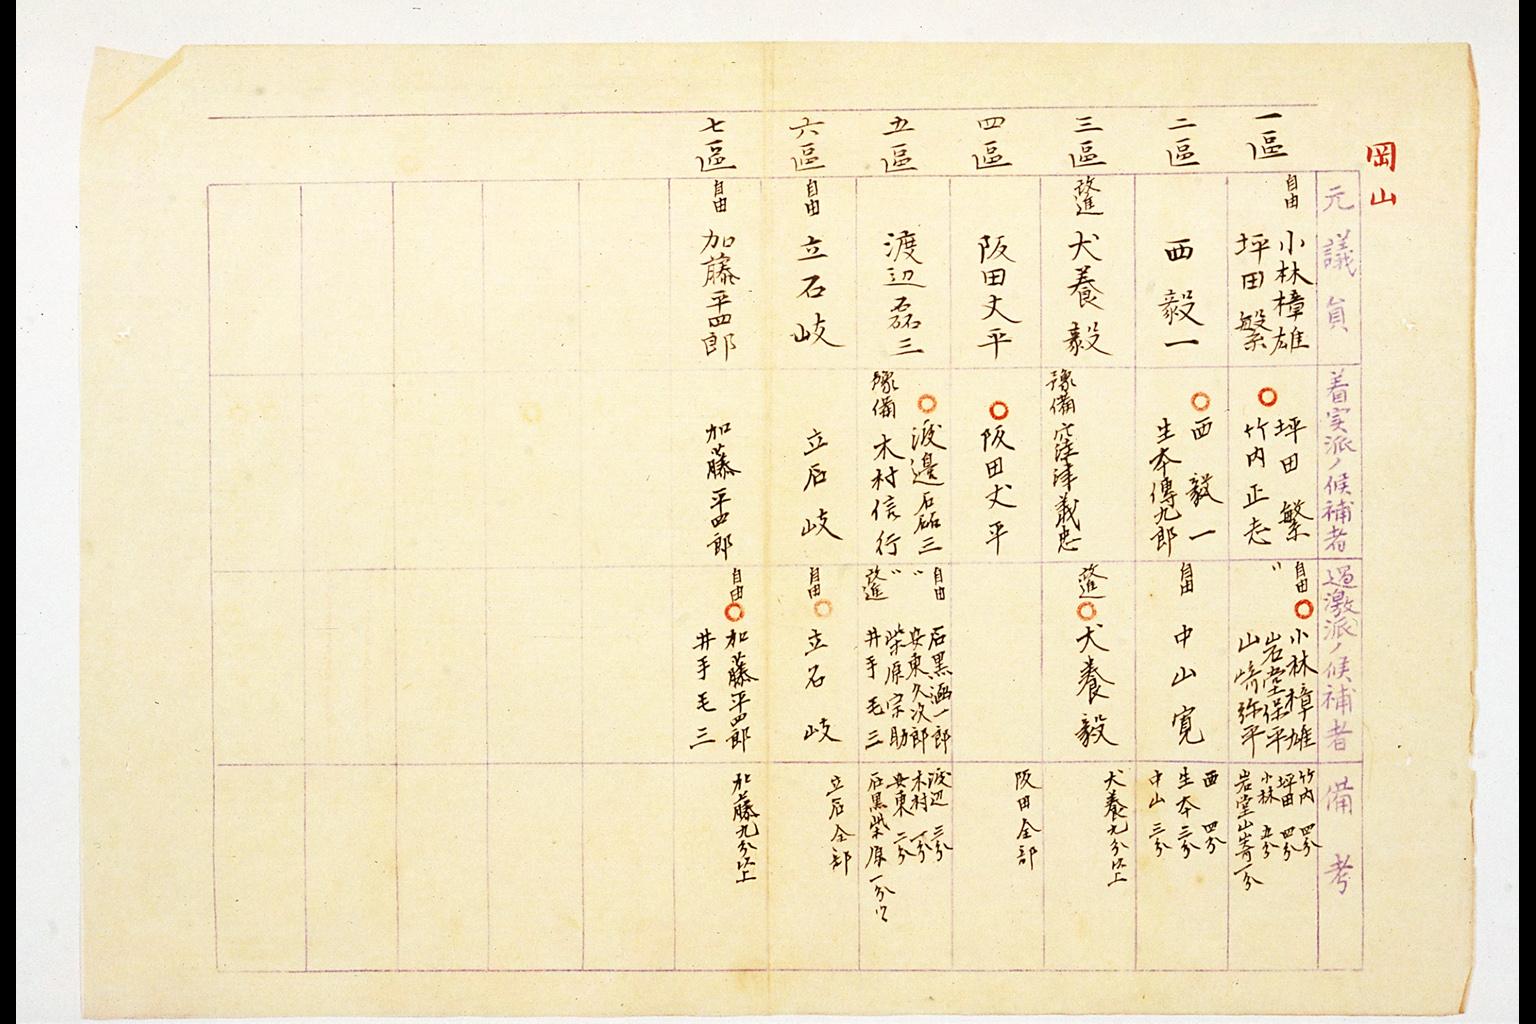 衆議院選挙候補者名簿](拡大画像 33-46)   史料にみる日本の近代